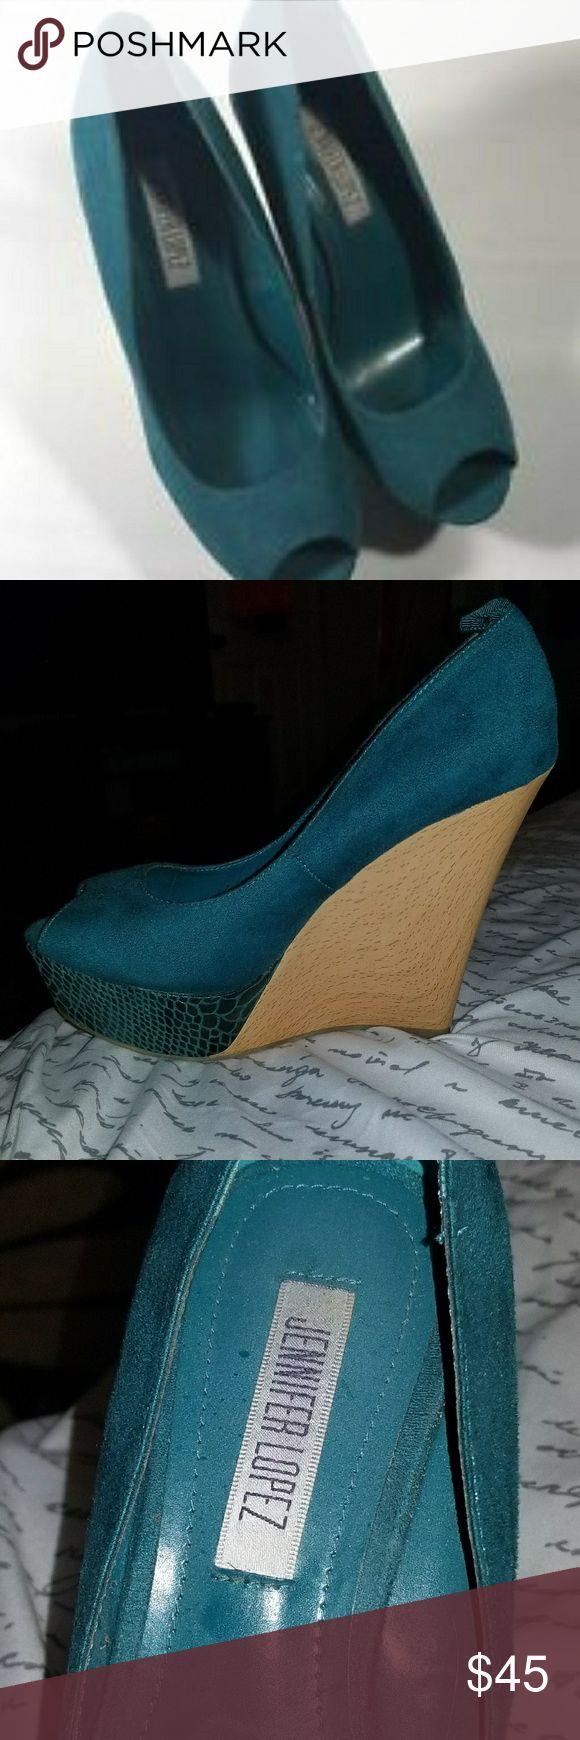 Jennifer Lopez - Turquoise Wedges Jennifer Lopez - Turquoise Wedges  Only worn once Missing turquoise ankle straps Jennifer Lopez Shoes Wedges